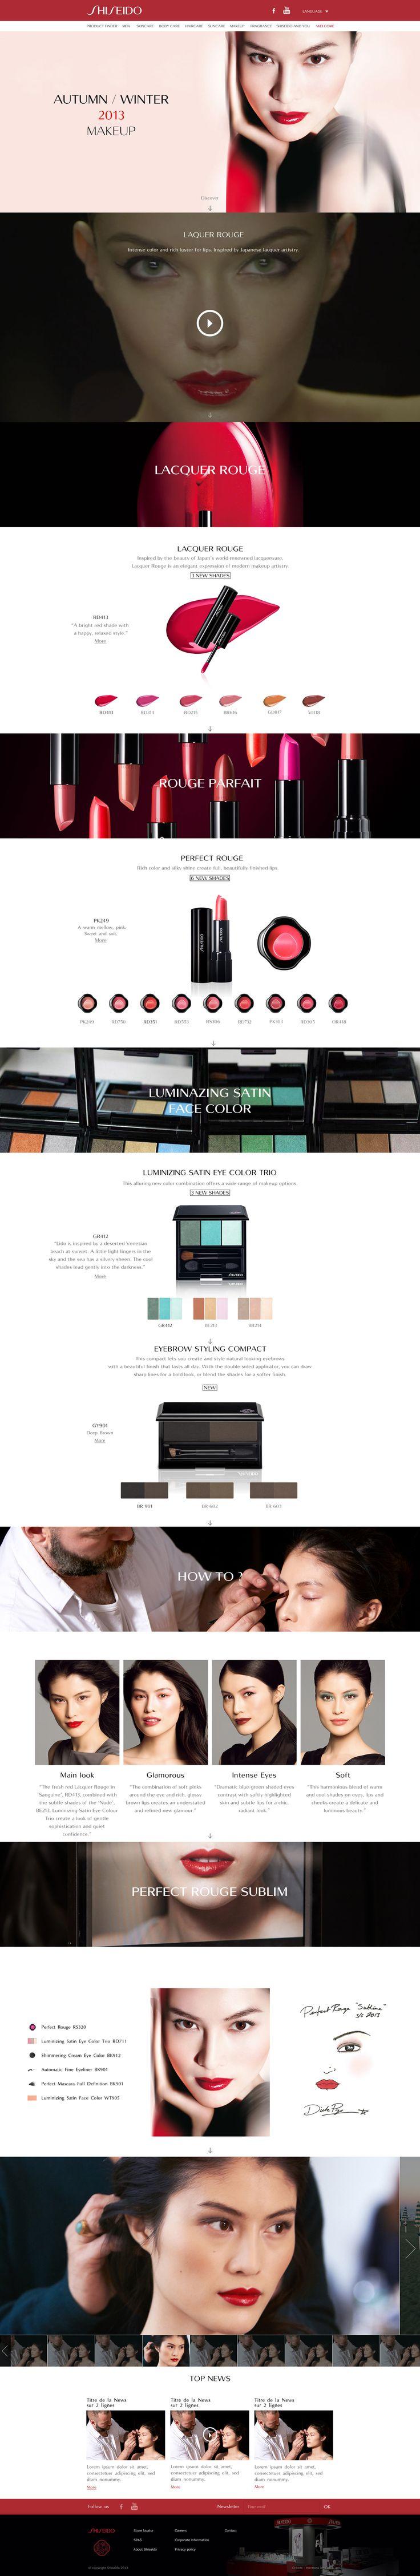 """Direction Artistique & Création d'un mini-site """"Makeup"""" en Responsive Design avec Parallaxe pour la marque """"Shiseido"""". #WebDesign #Luxe #UX Design"""